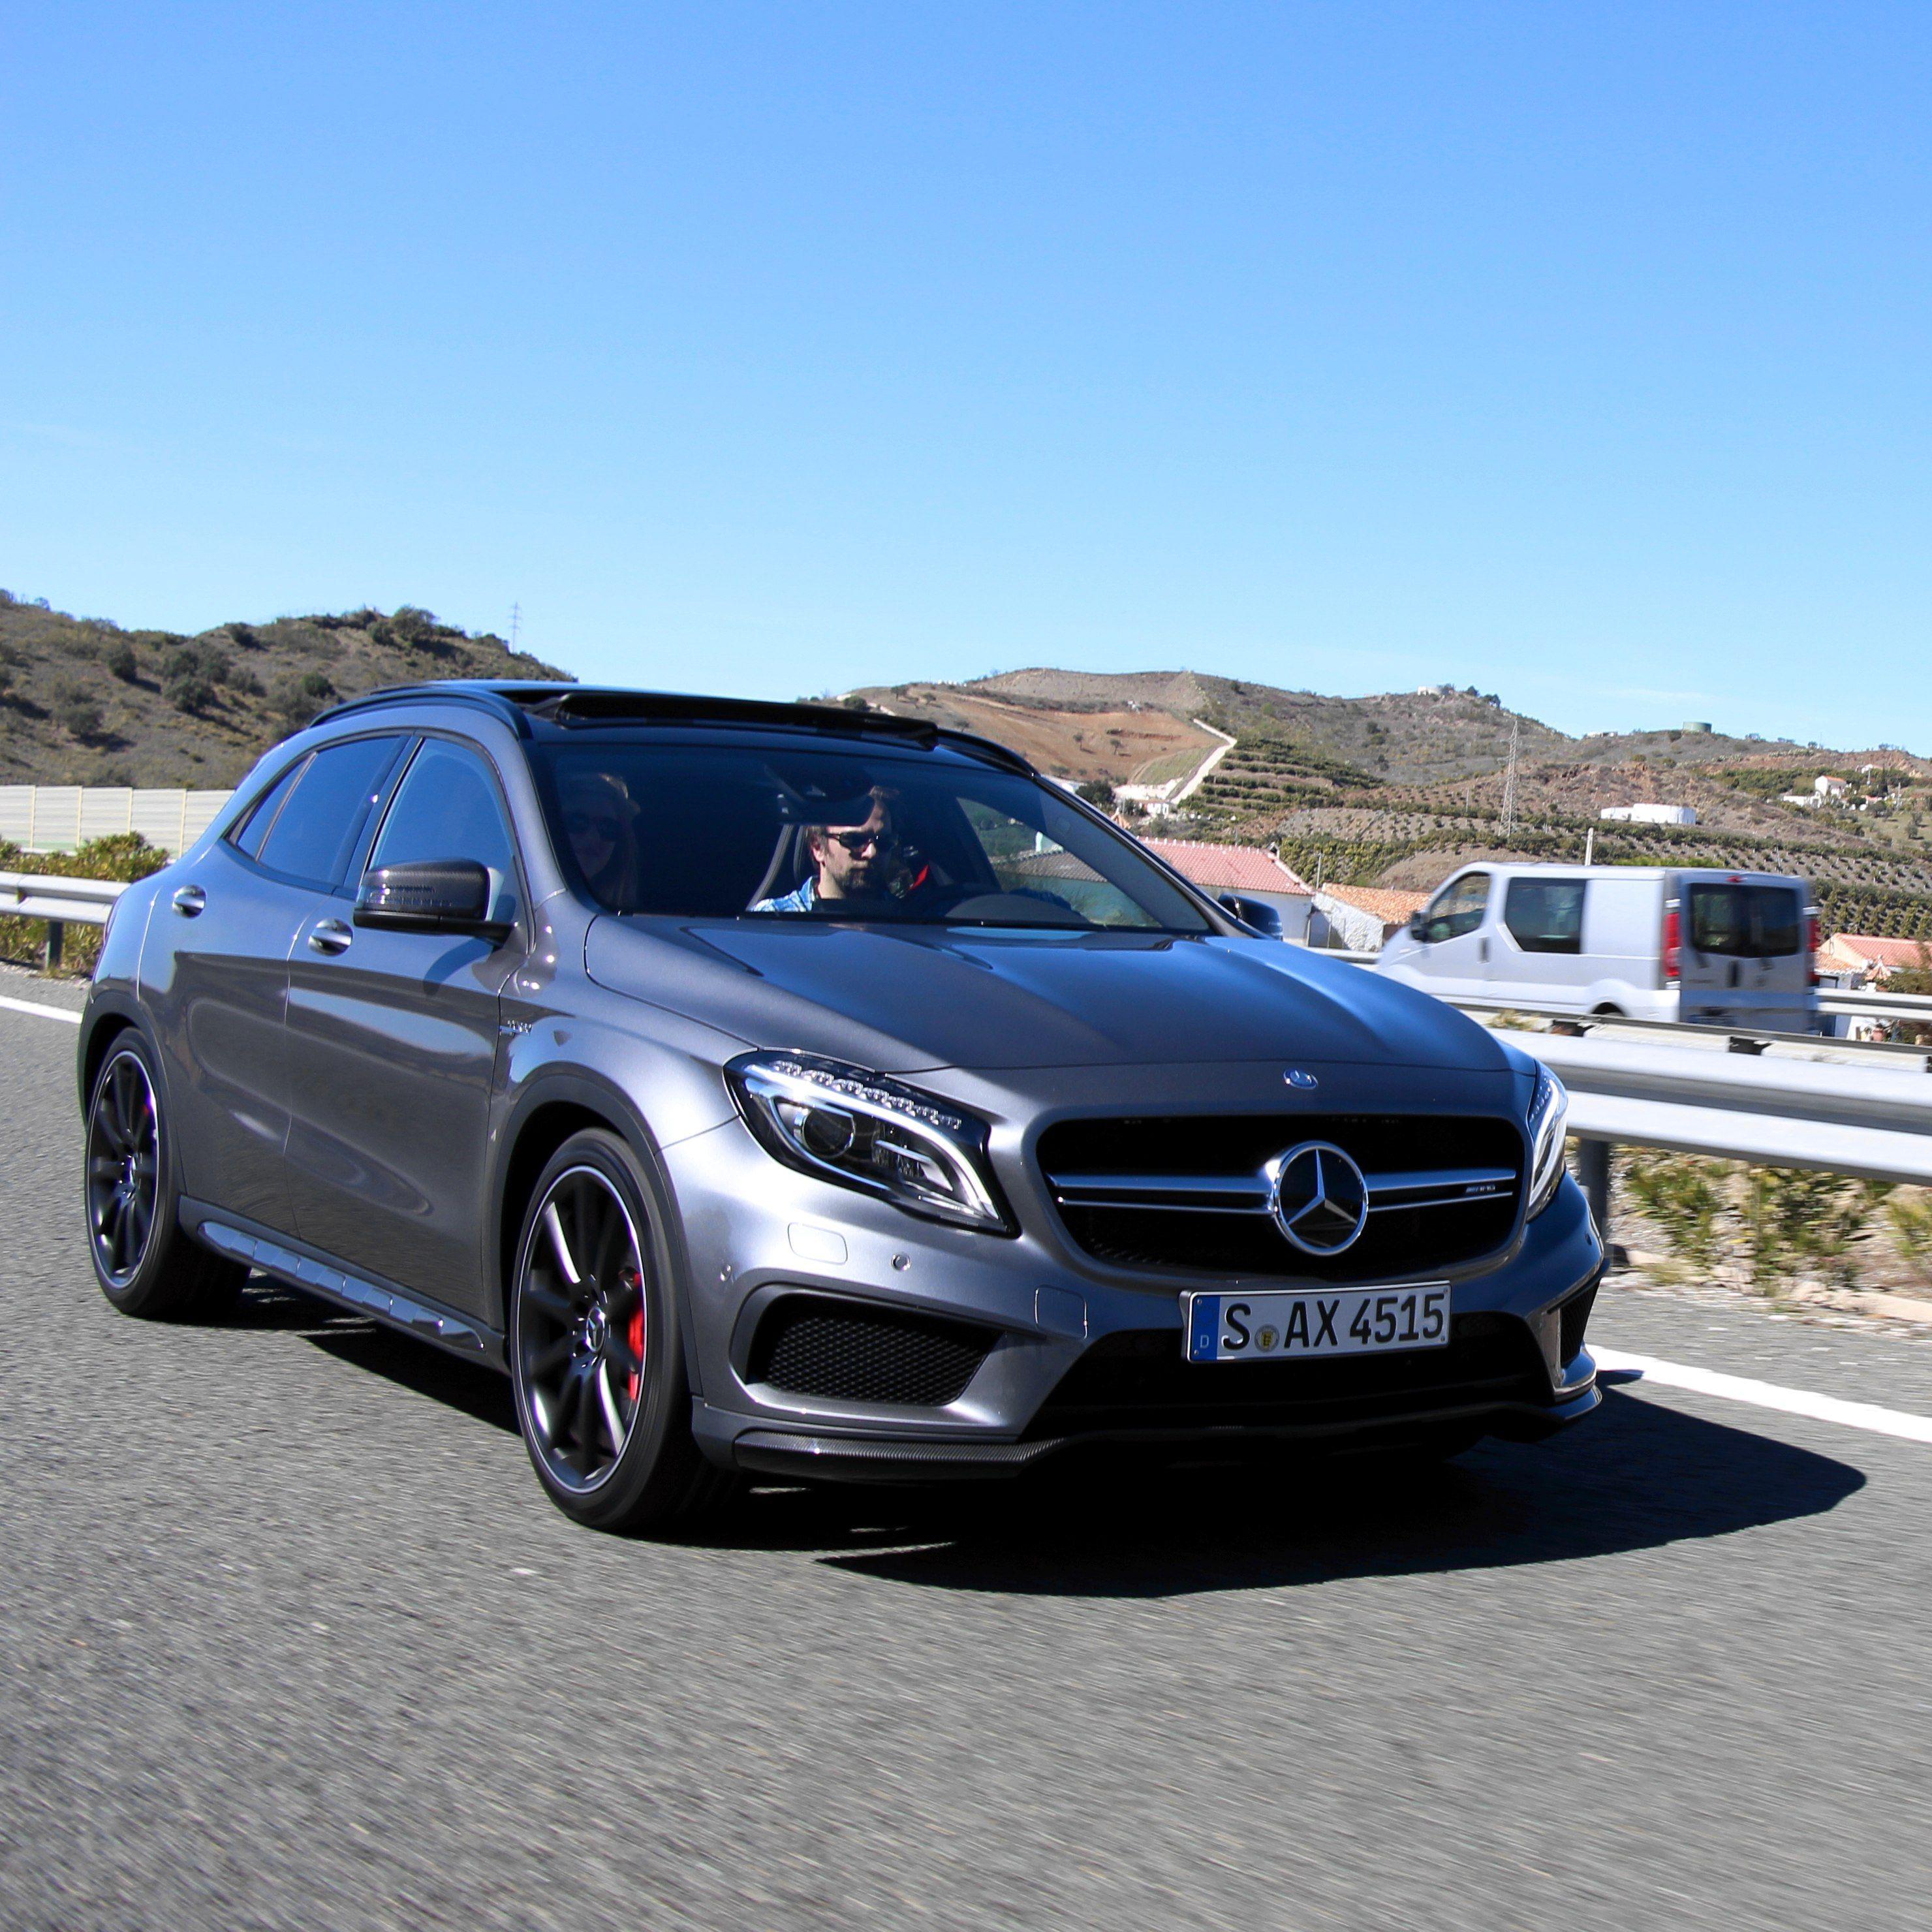 Fahrbericht: Mercedes-Benz GLA 45 AMG Und Die Frage Nach